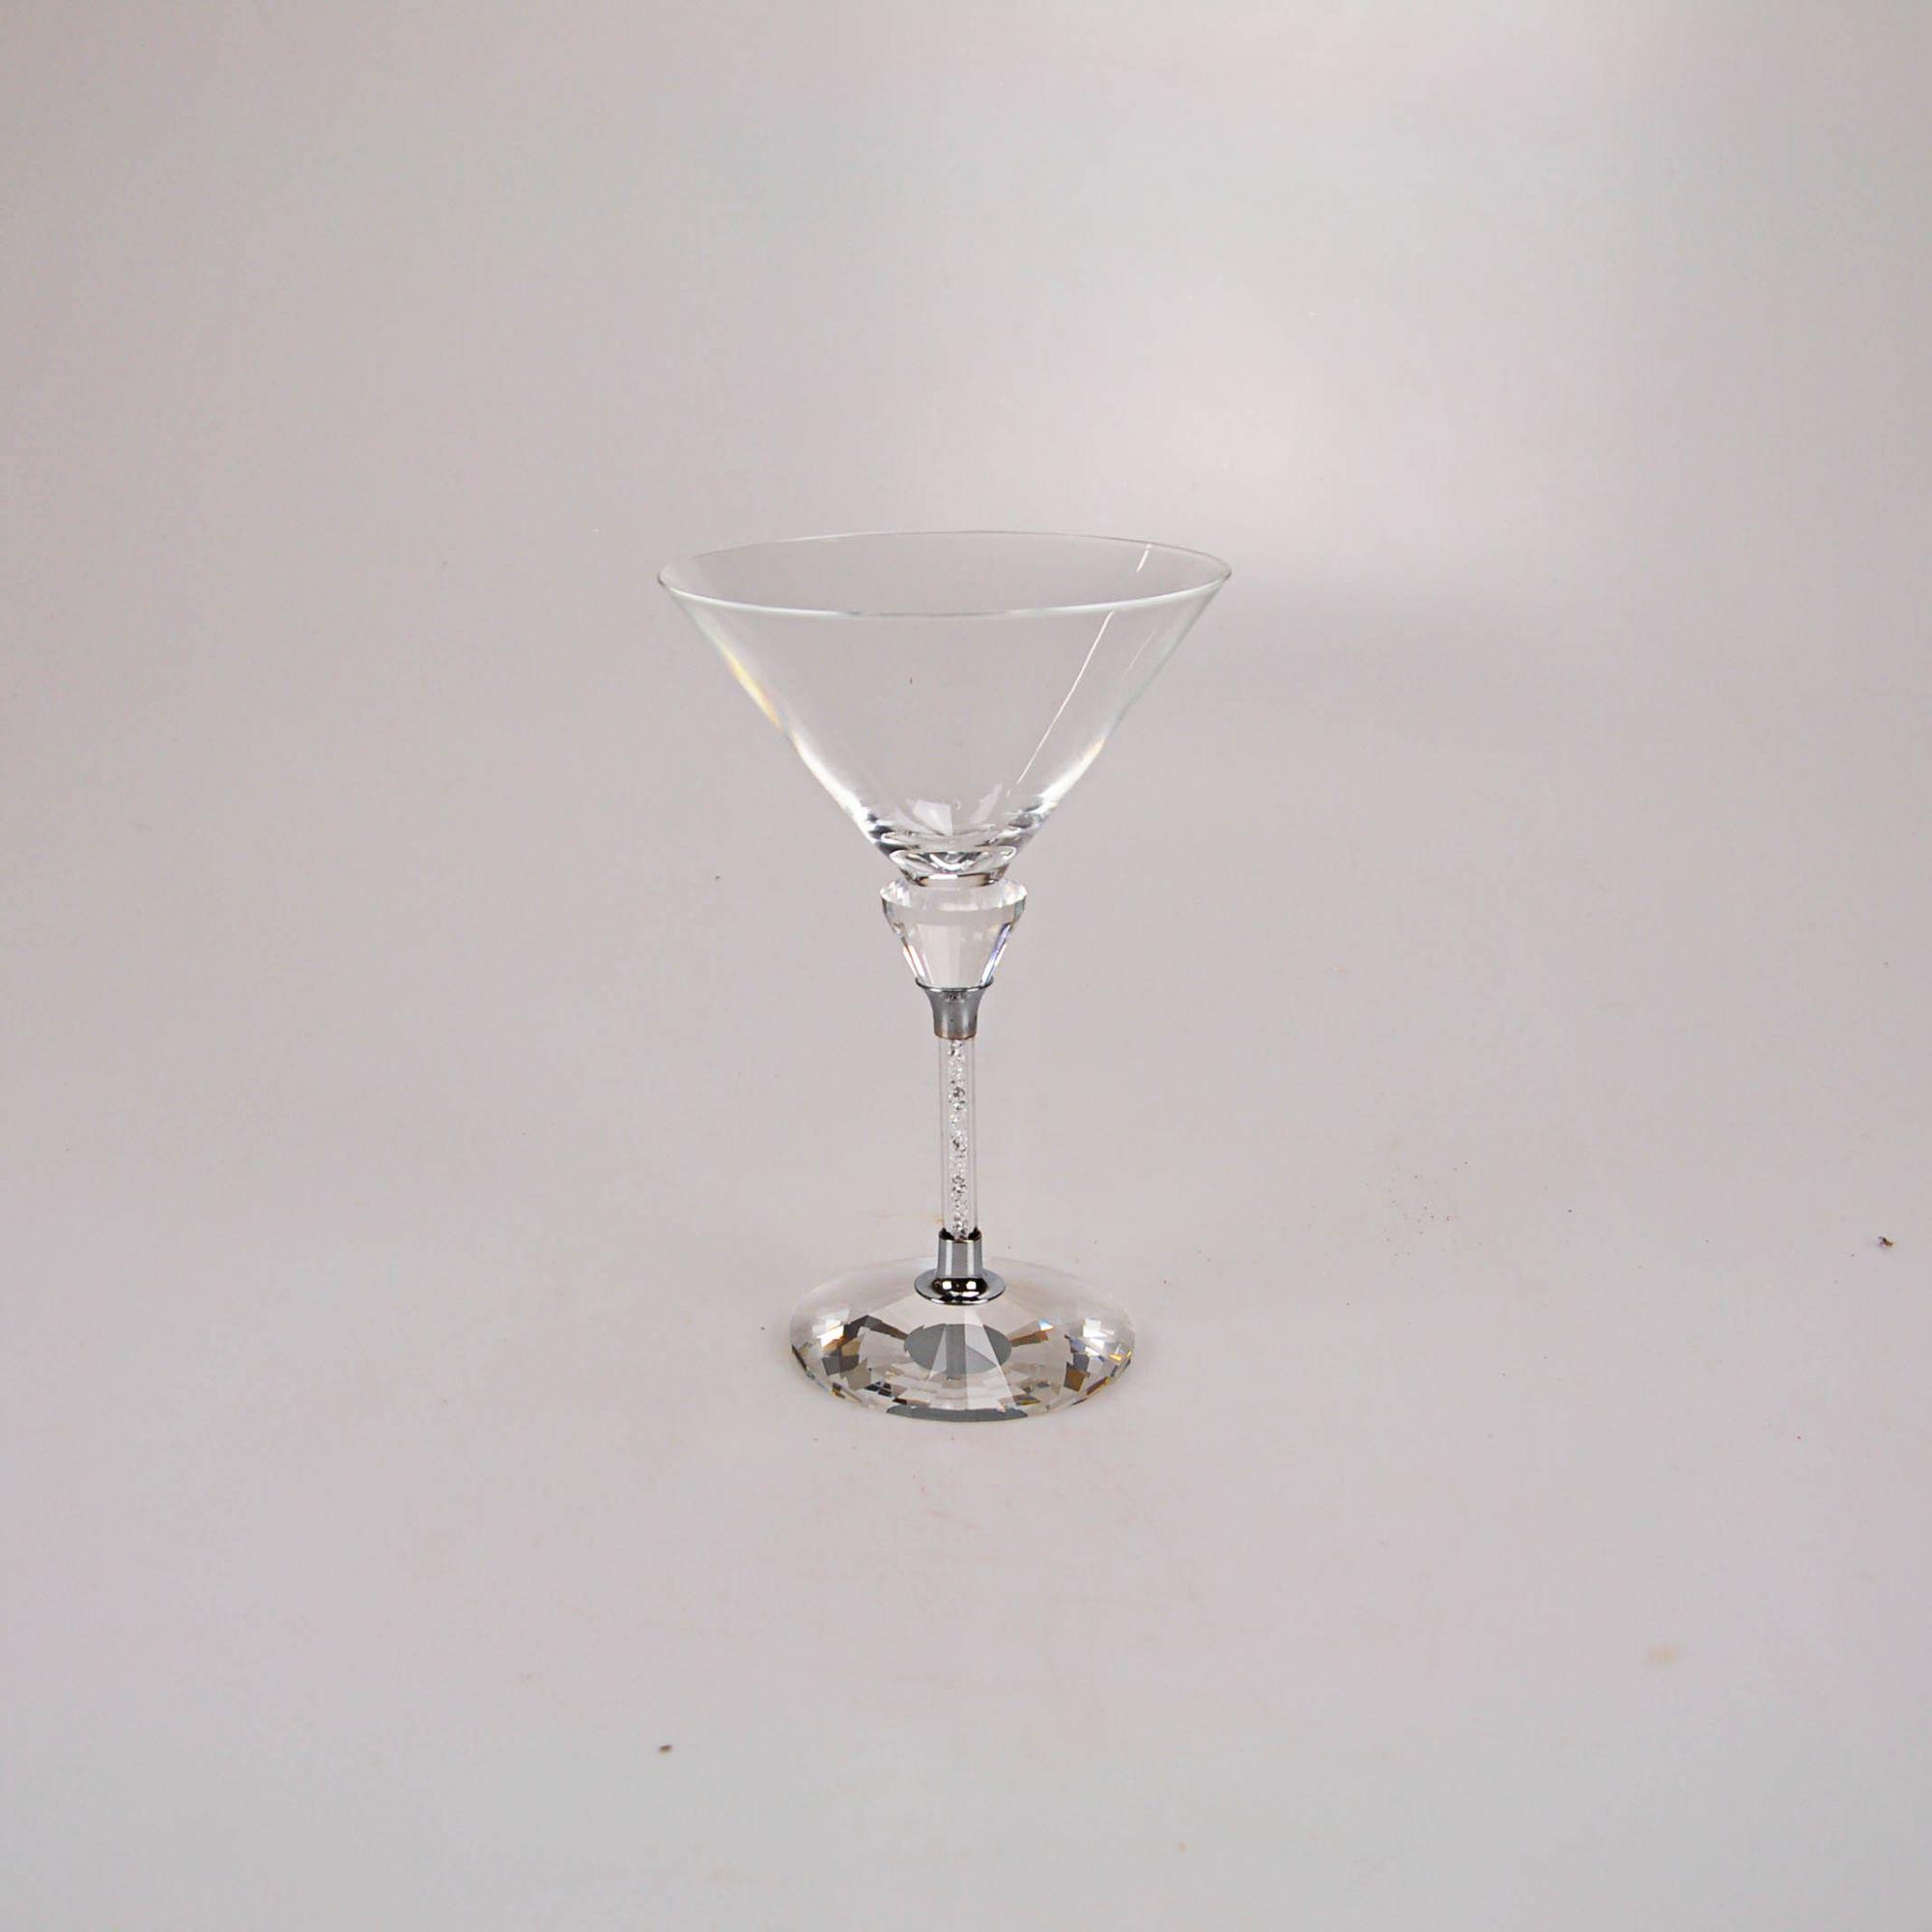 Taça para Martini com pedras pratas 1442